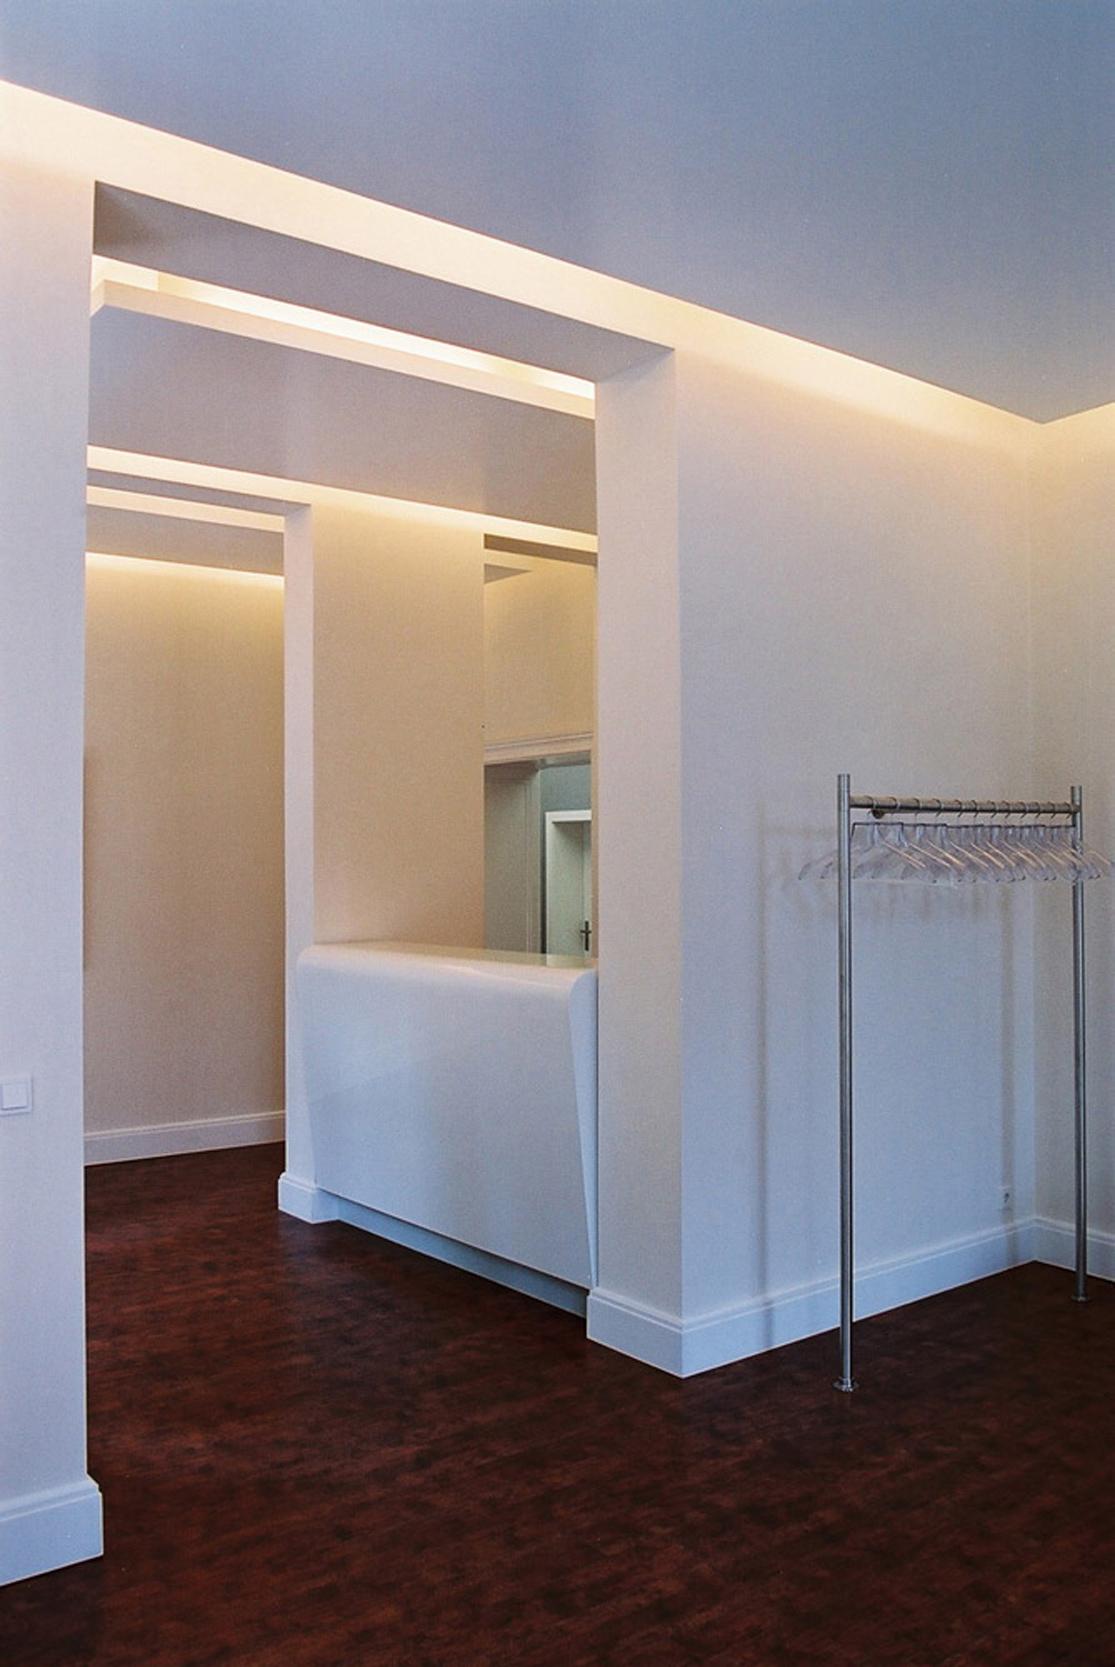 Der gesamte Innenausbau wiederspiegelt mit seiner klaren Struktur das minimalistische Designkonzept.